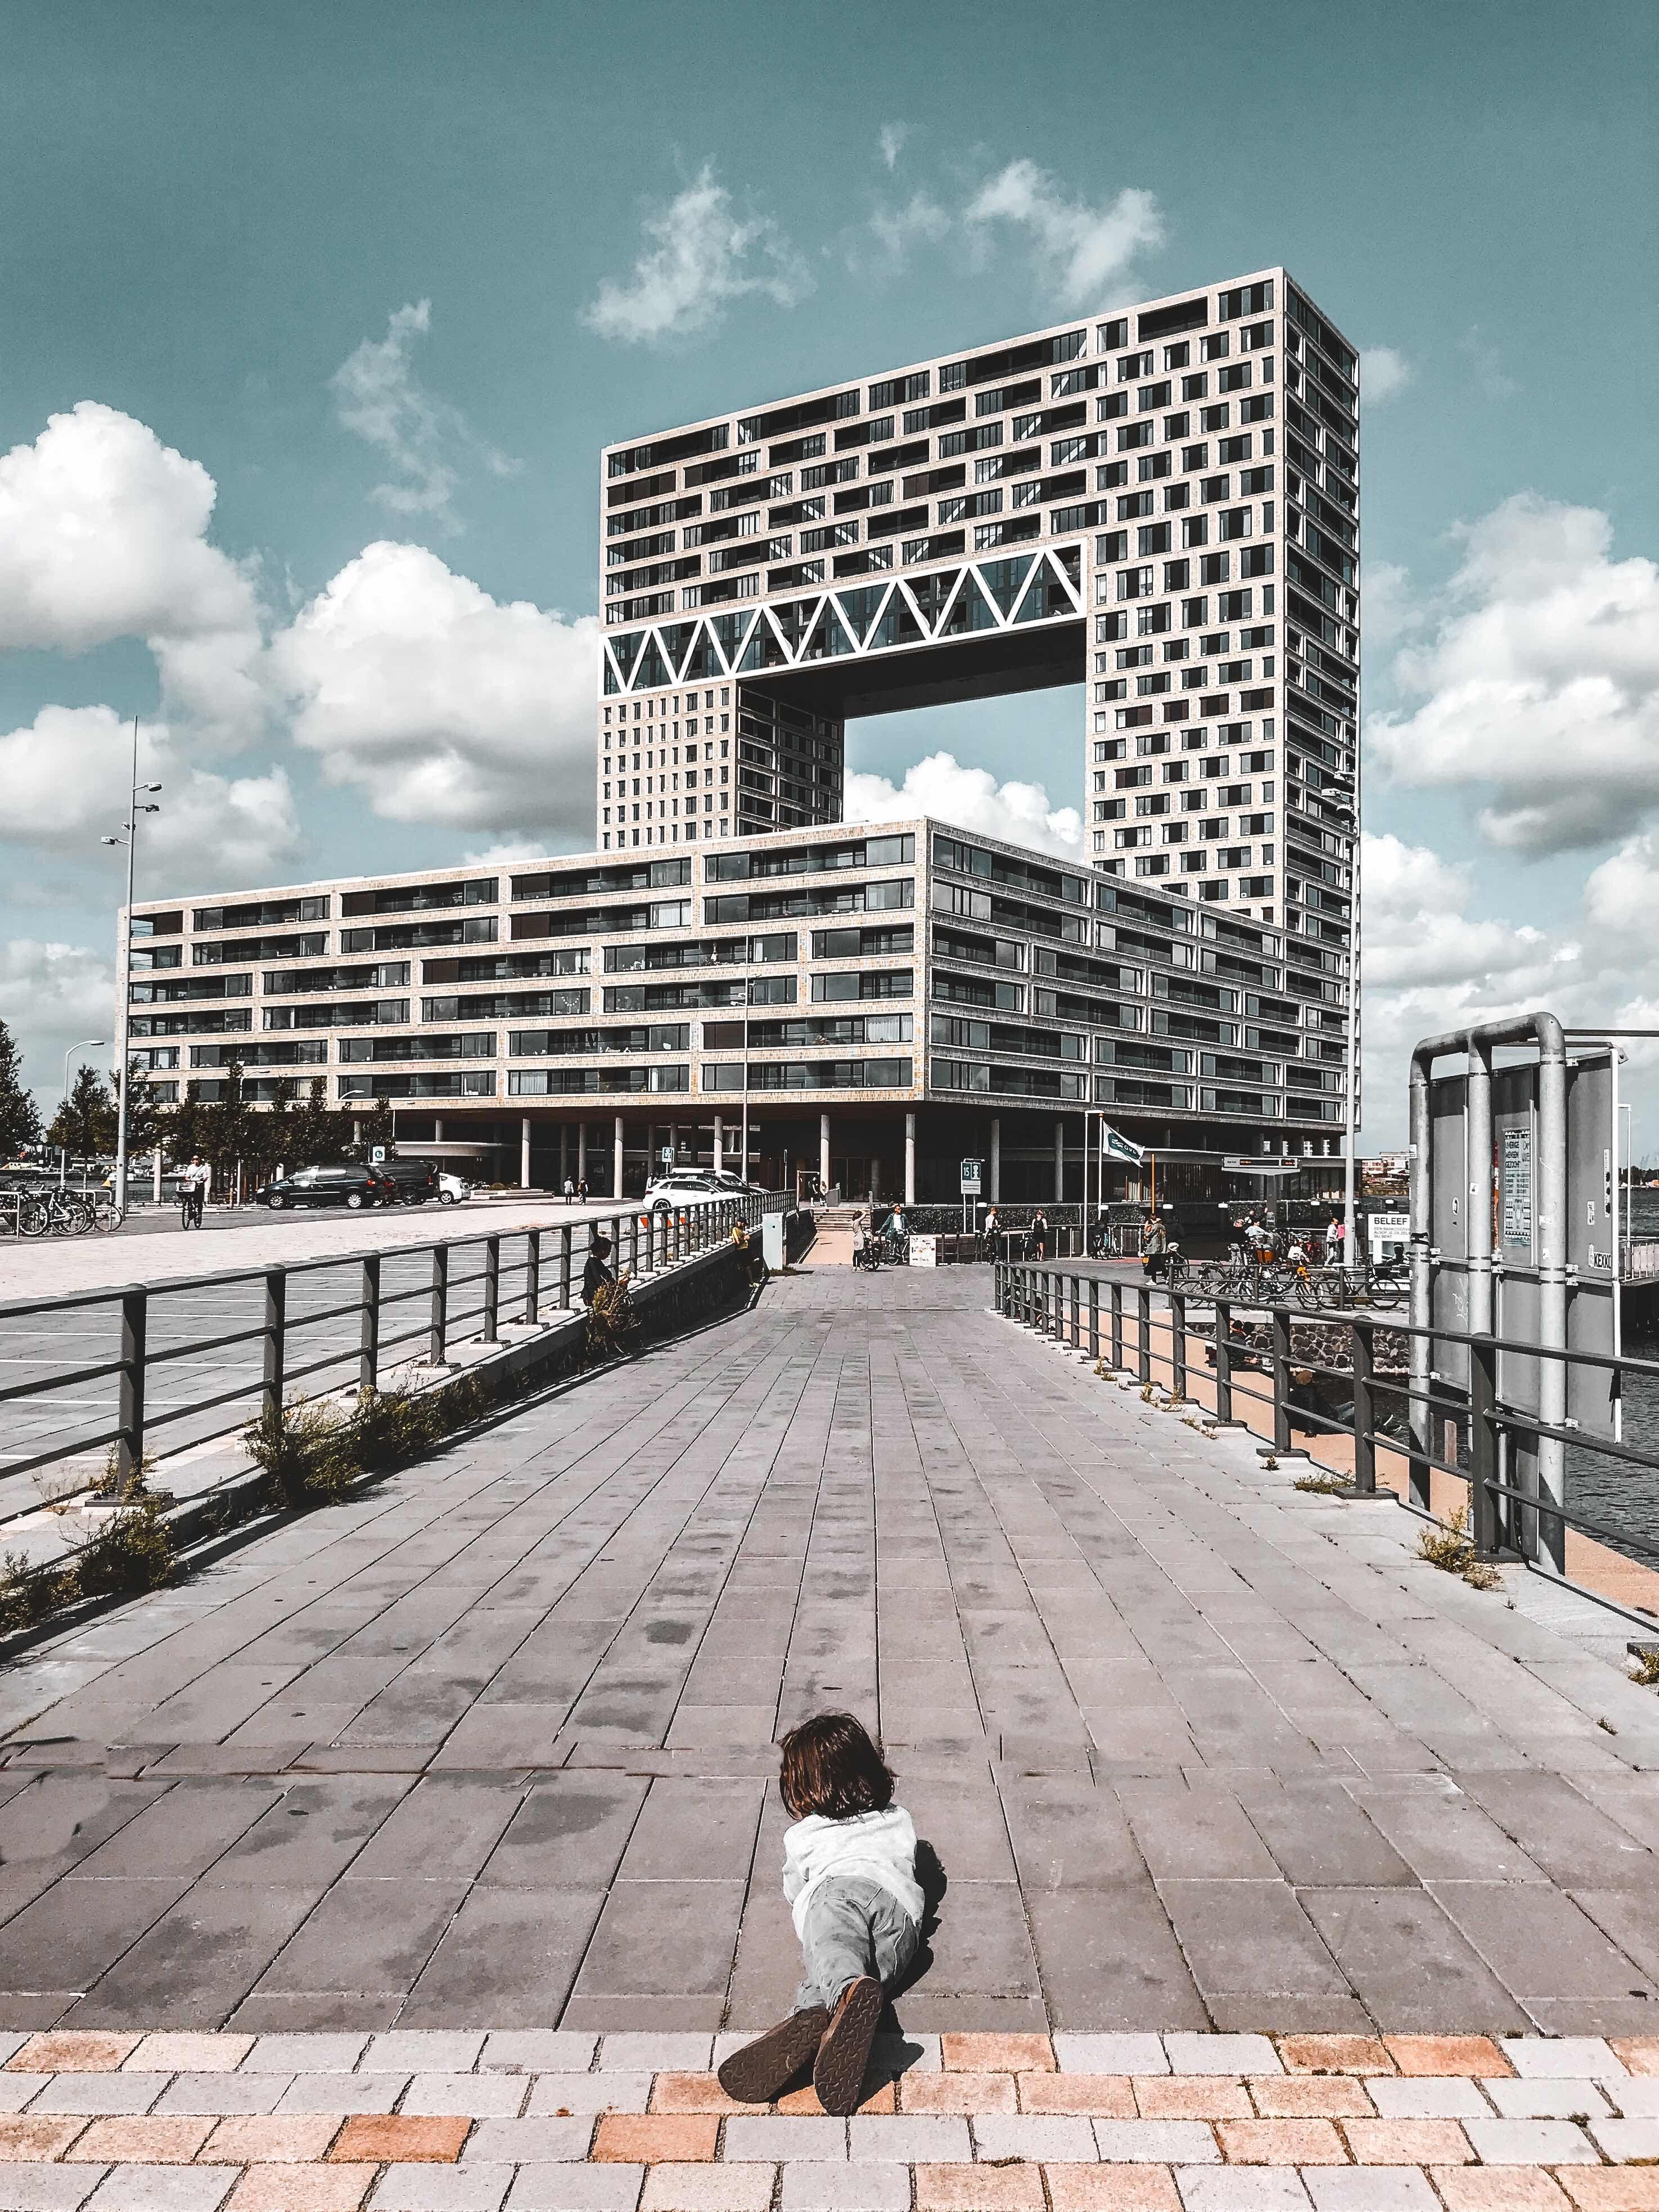 29 cose da vedere ad Amsterdam: Pontsteiger edificio quadrato